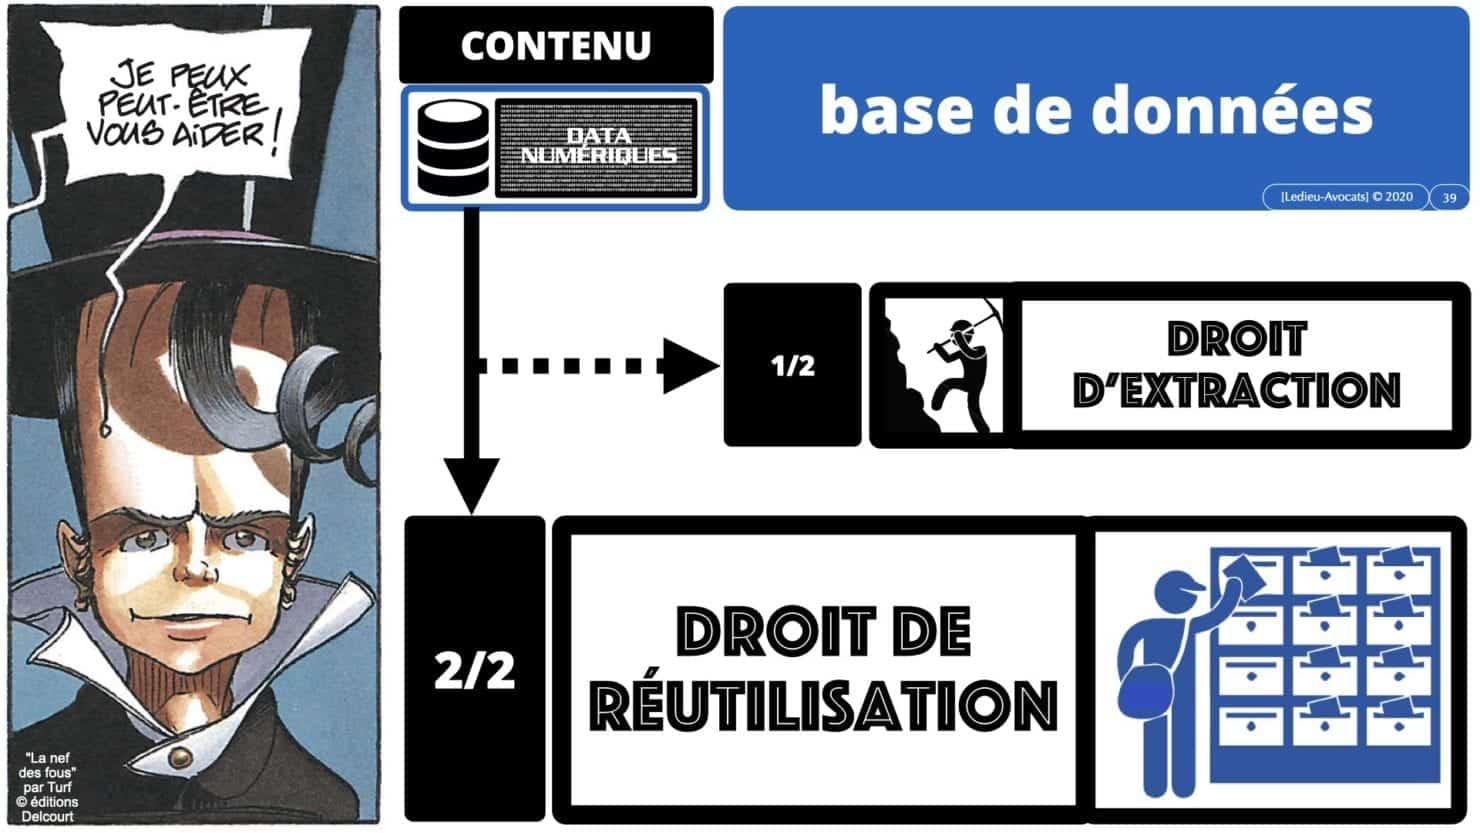 bases de données extraction réutilisation